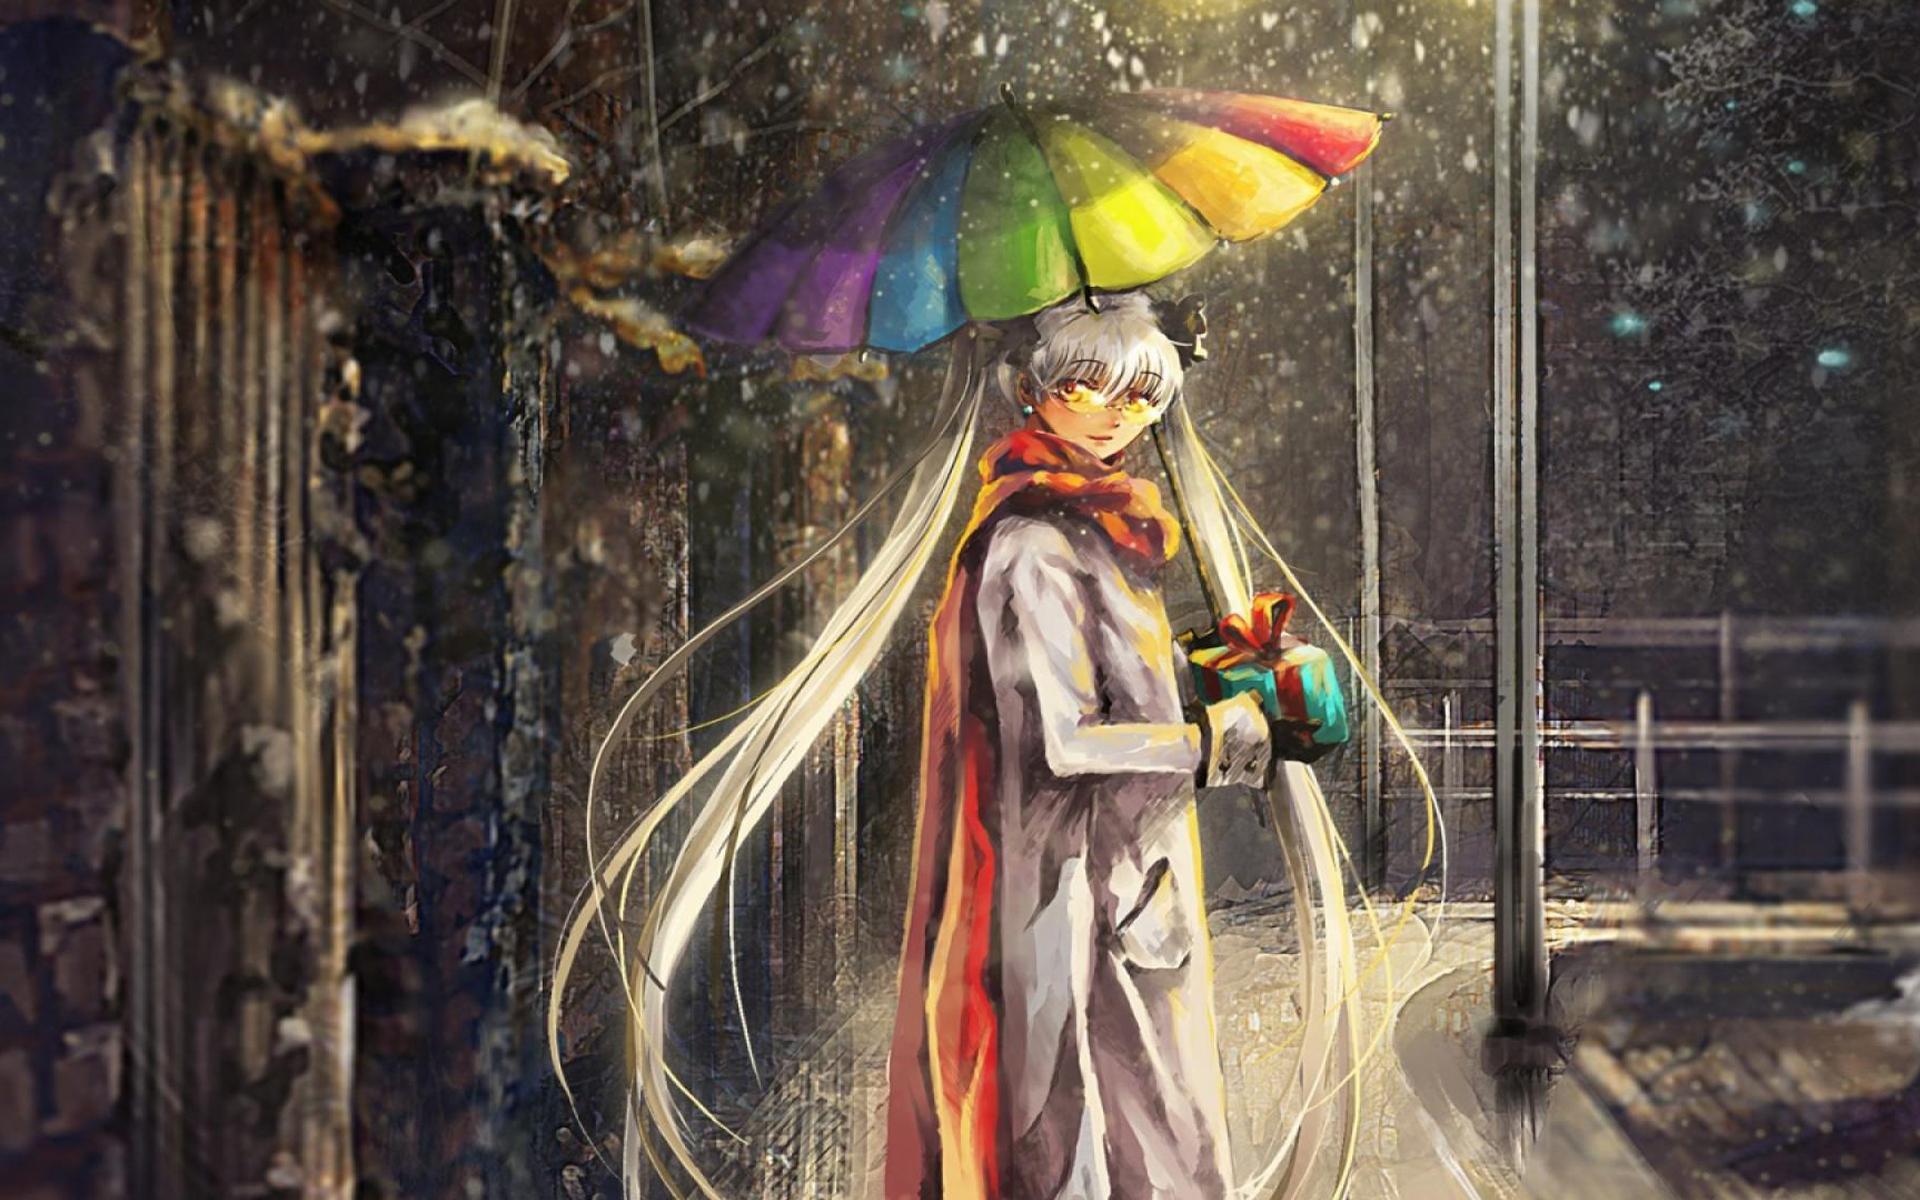 撑雨伞的动漫少女桌面壁纸图片